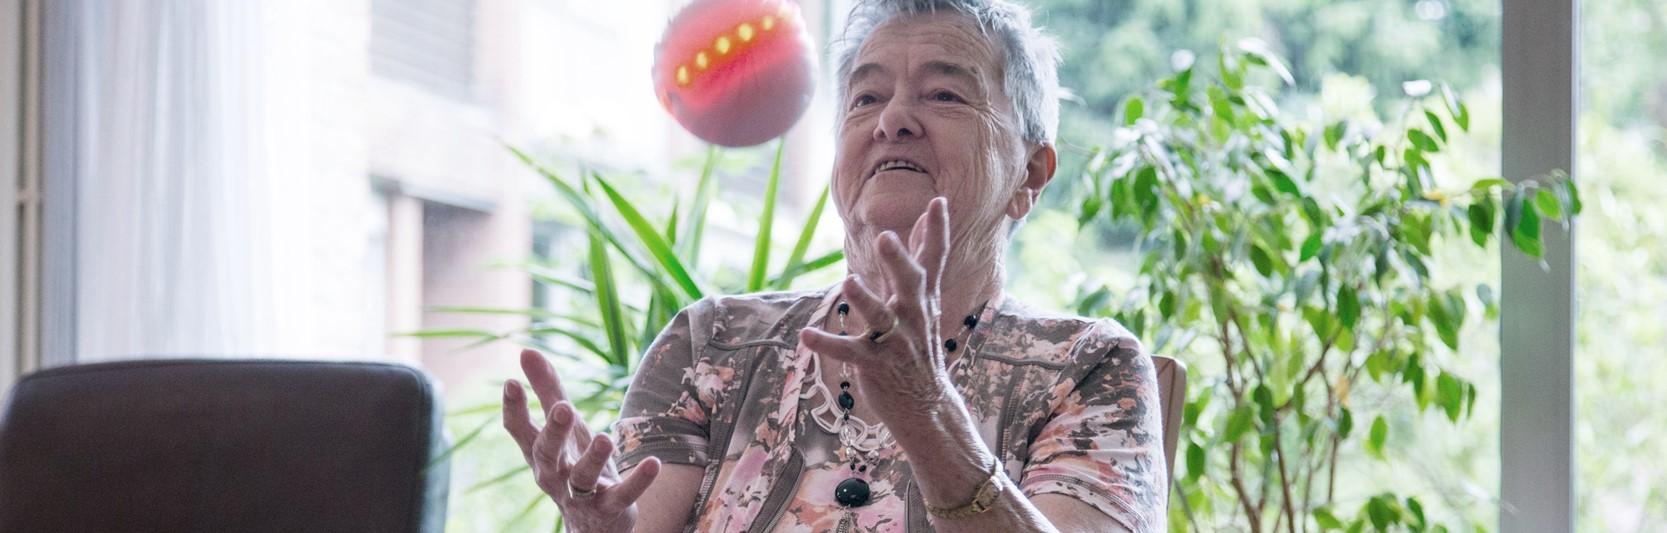 High-Tech Kugel begeistert im Seniorenheim